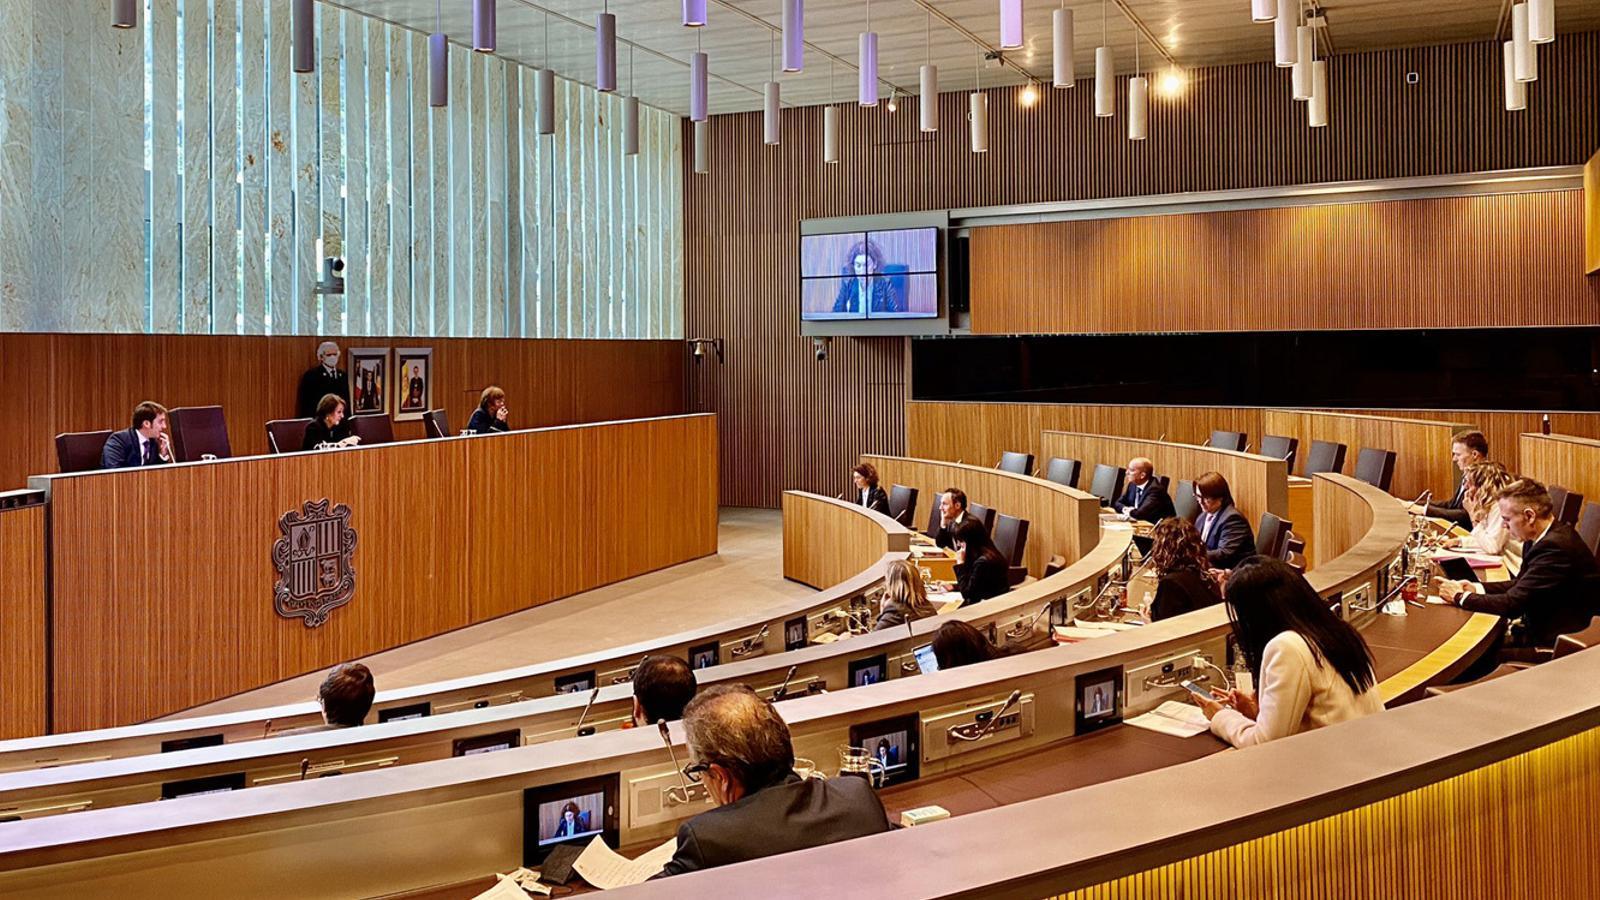 Un moment de la sessió de Consell General celebrada aquest dimecres. / TWITTER CONSELL GENERAL